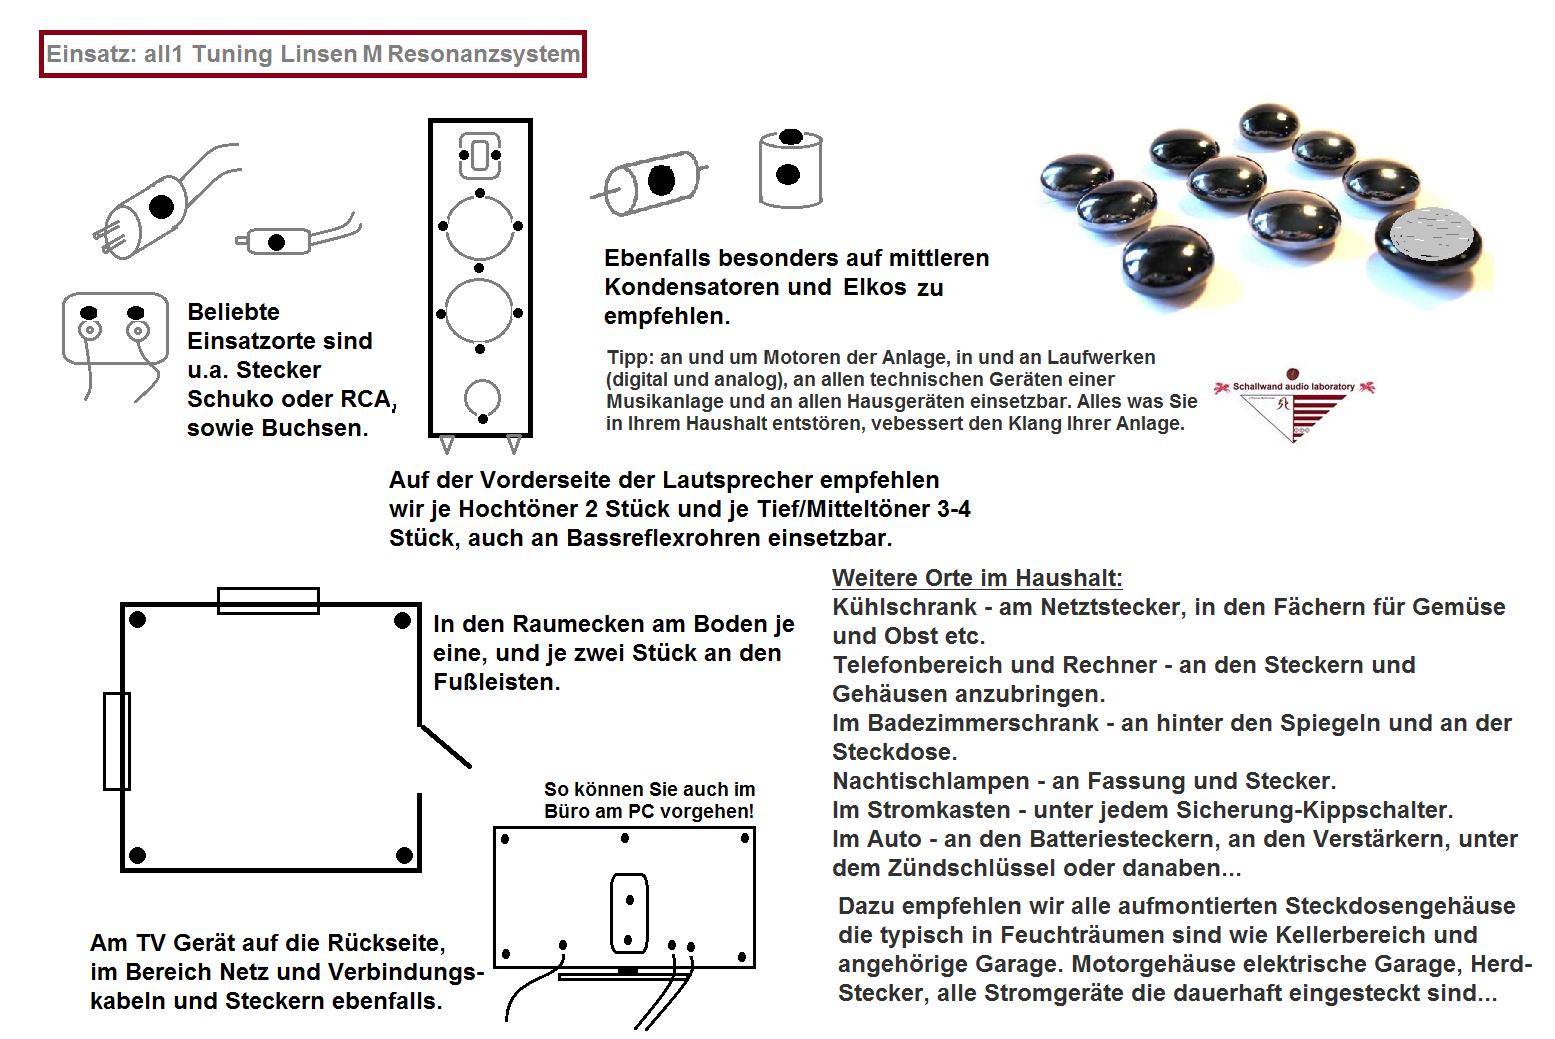 NEWS - AKTUELL! Neue Produkte und Tipps aus den KlangWelten...